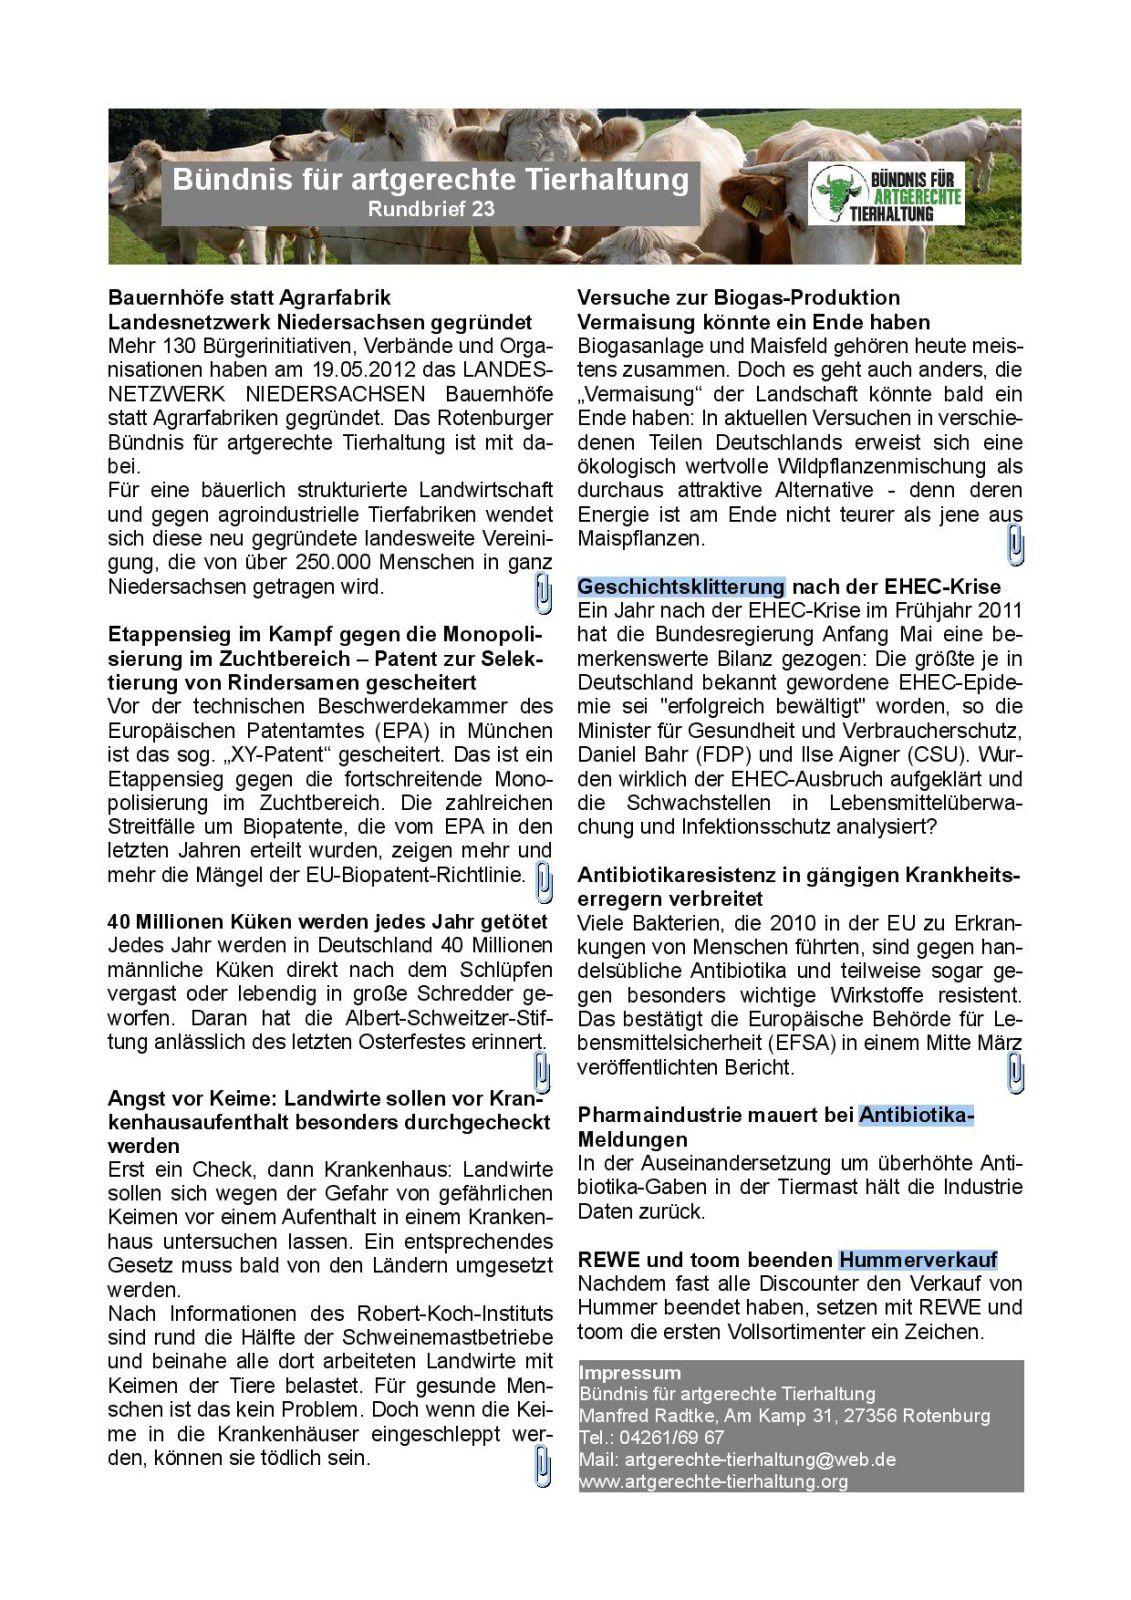 rundbrief-23-bundnis-artgerechte-Tierhaltung-page-001.jpg